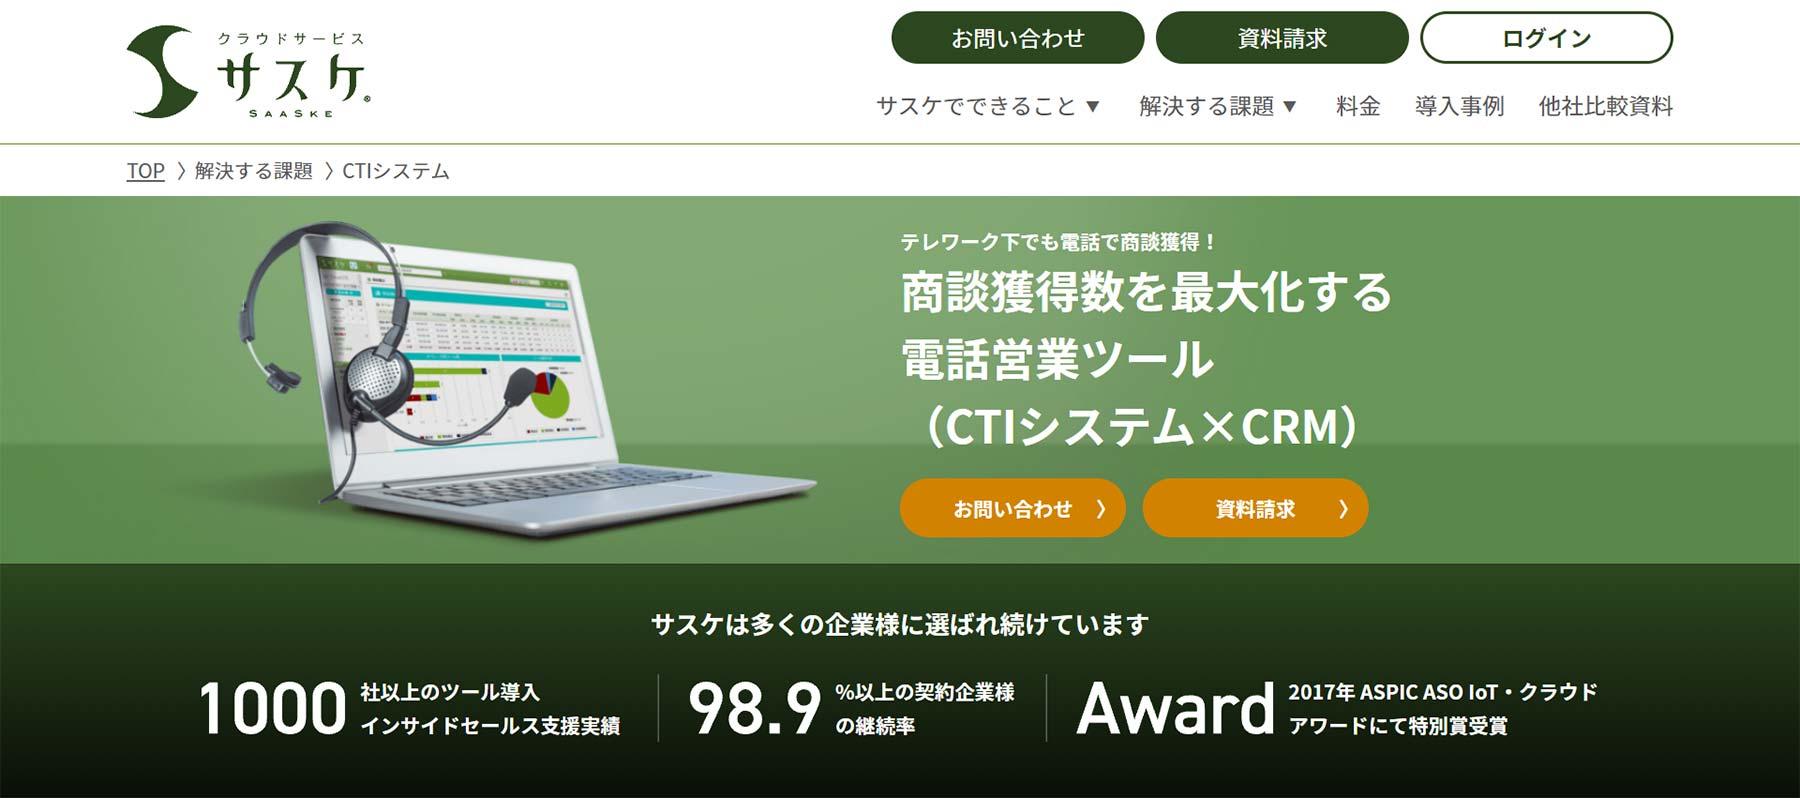 クラウドサービスサスケ公式Webサイト